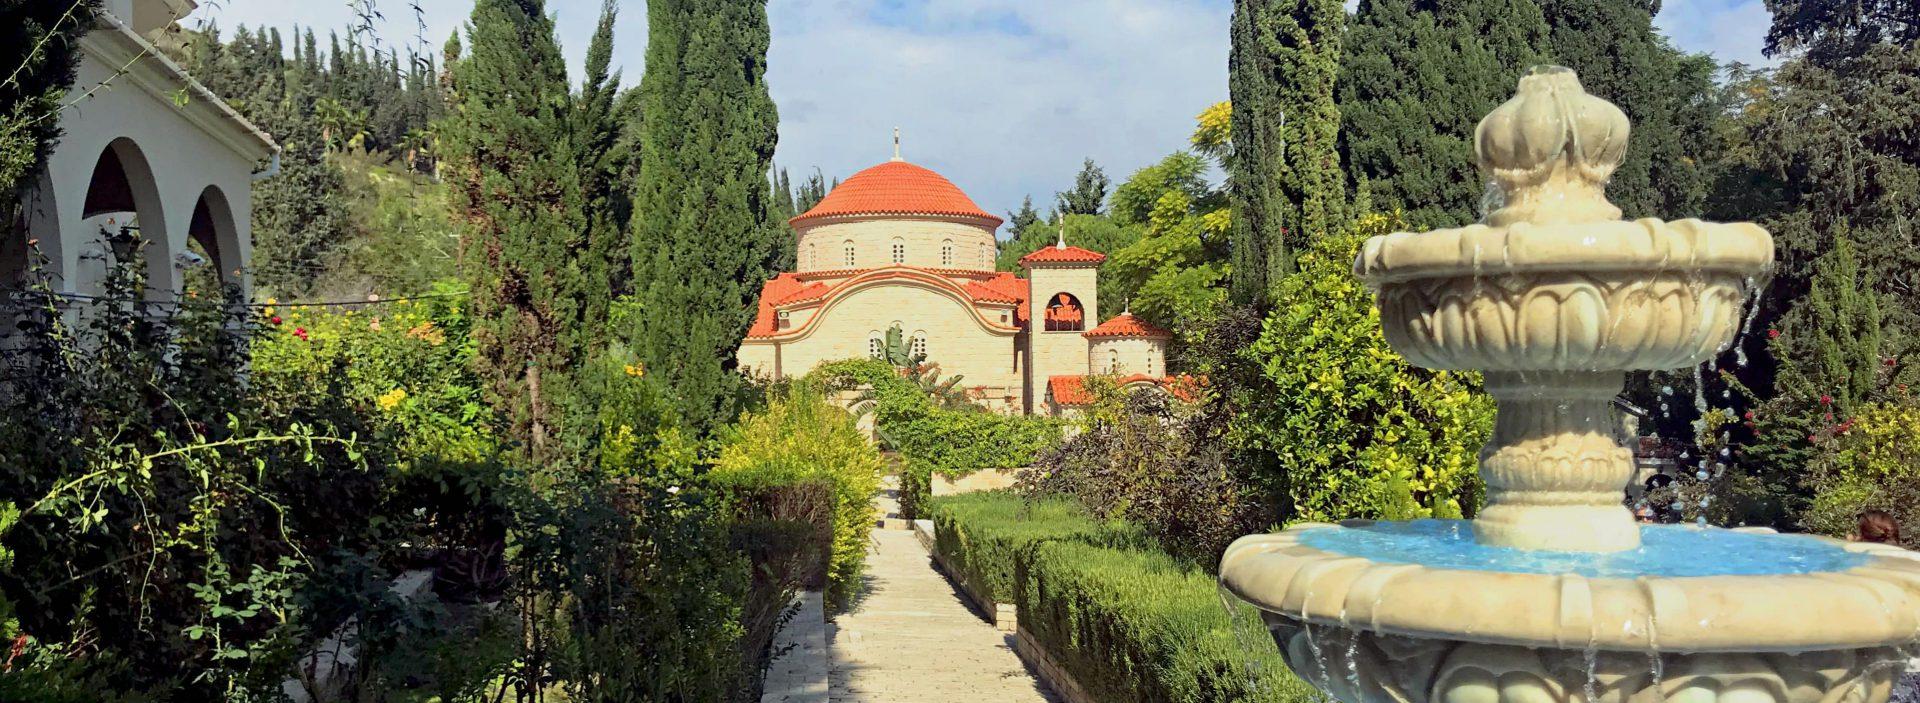 монастырь Святого Георгия Аламаноса